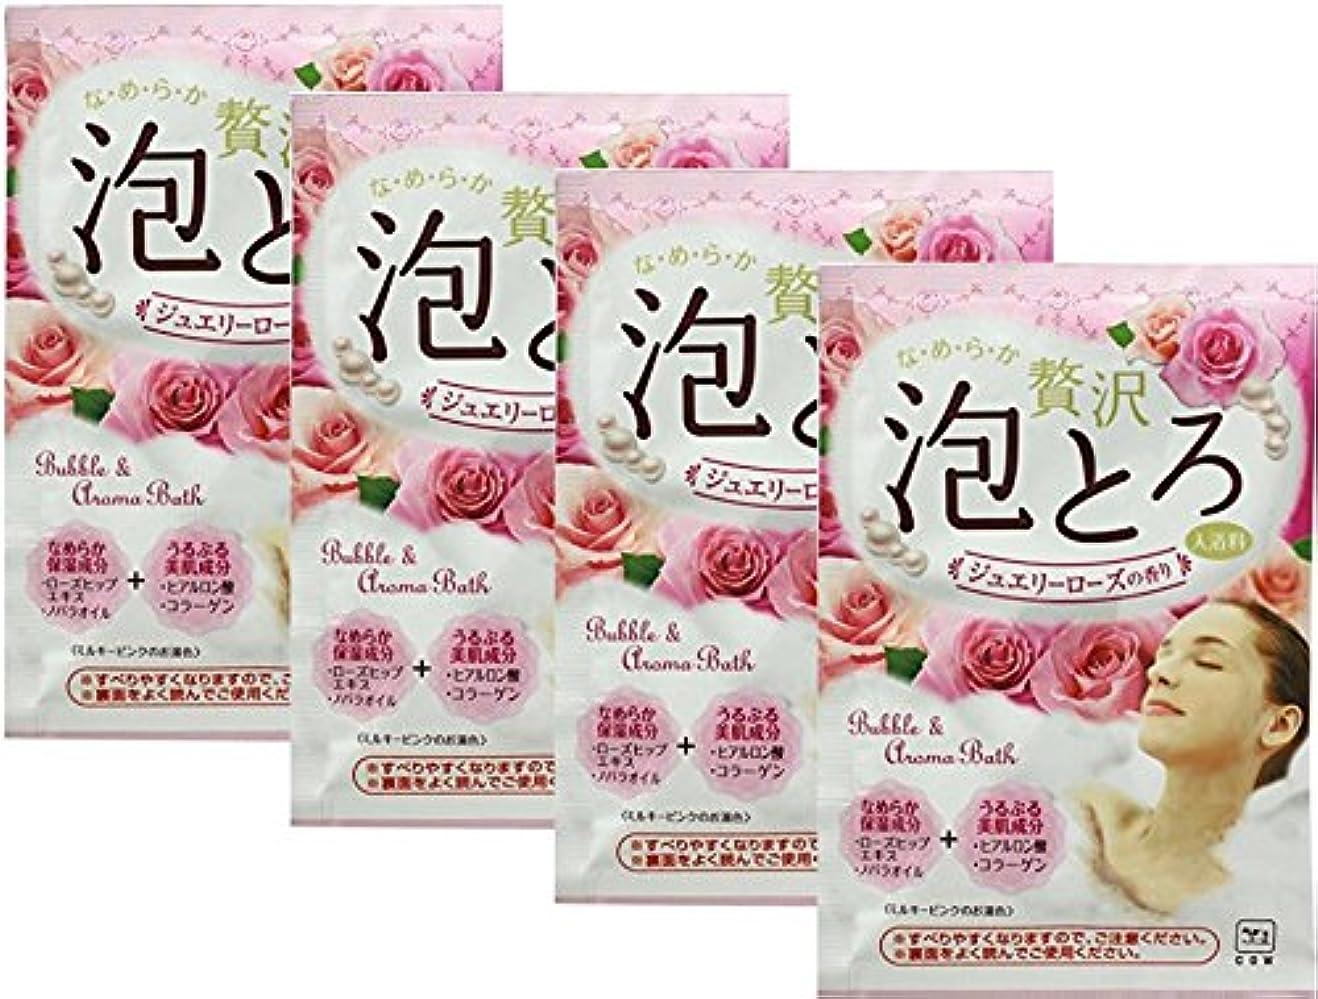 前述の前文値する牛乳石鹸共進社 贅沢泡とろ 入浴料 ジュエリーローズの香り 30g 【4点セット】